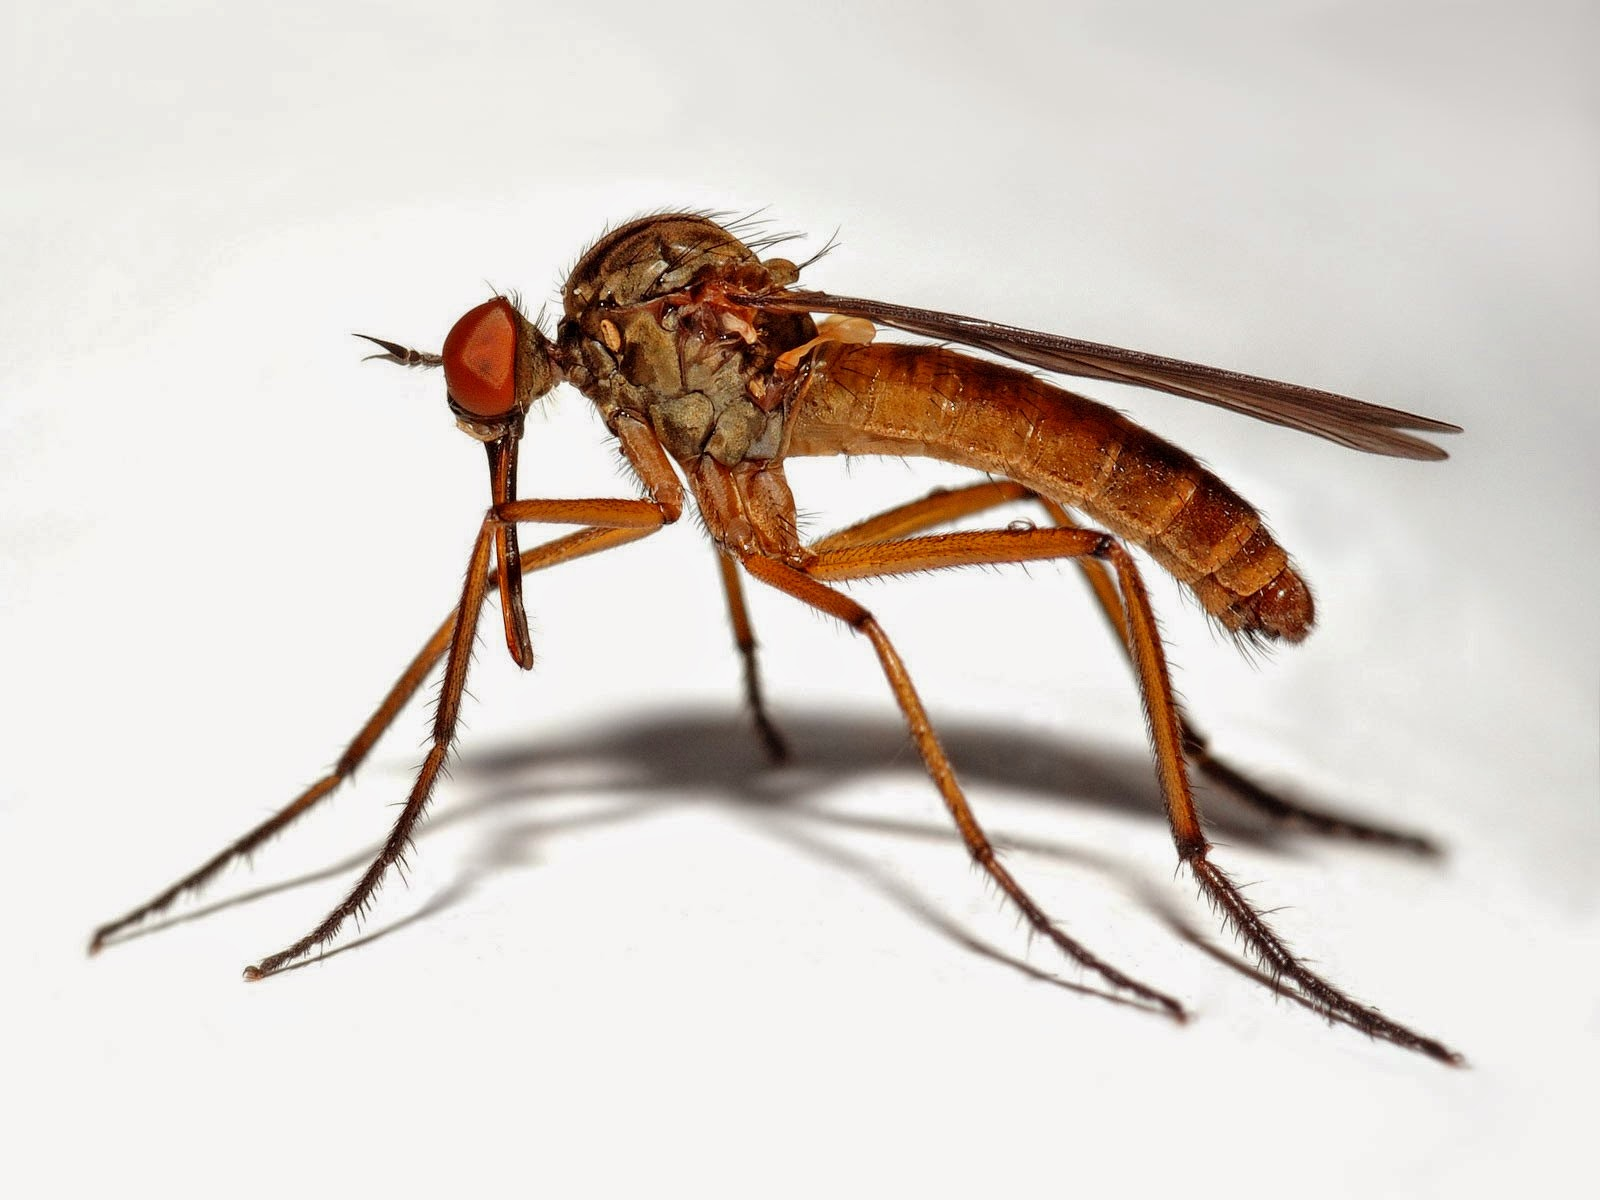 Deri Böceği Nasıl Yok Edilir